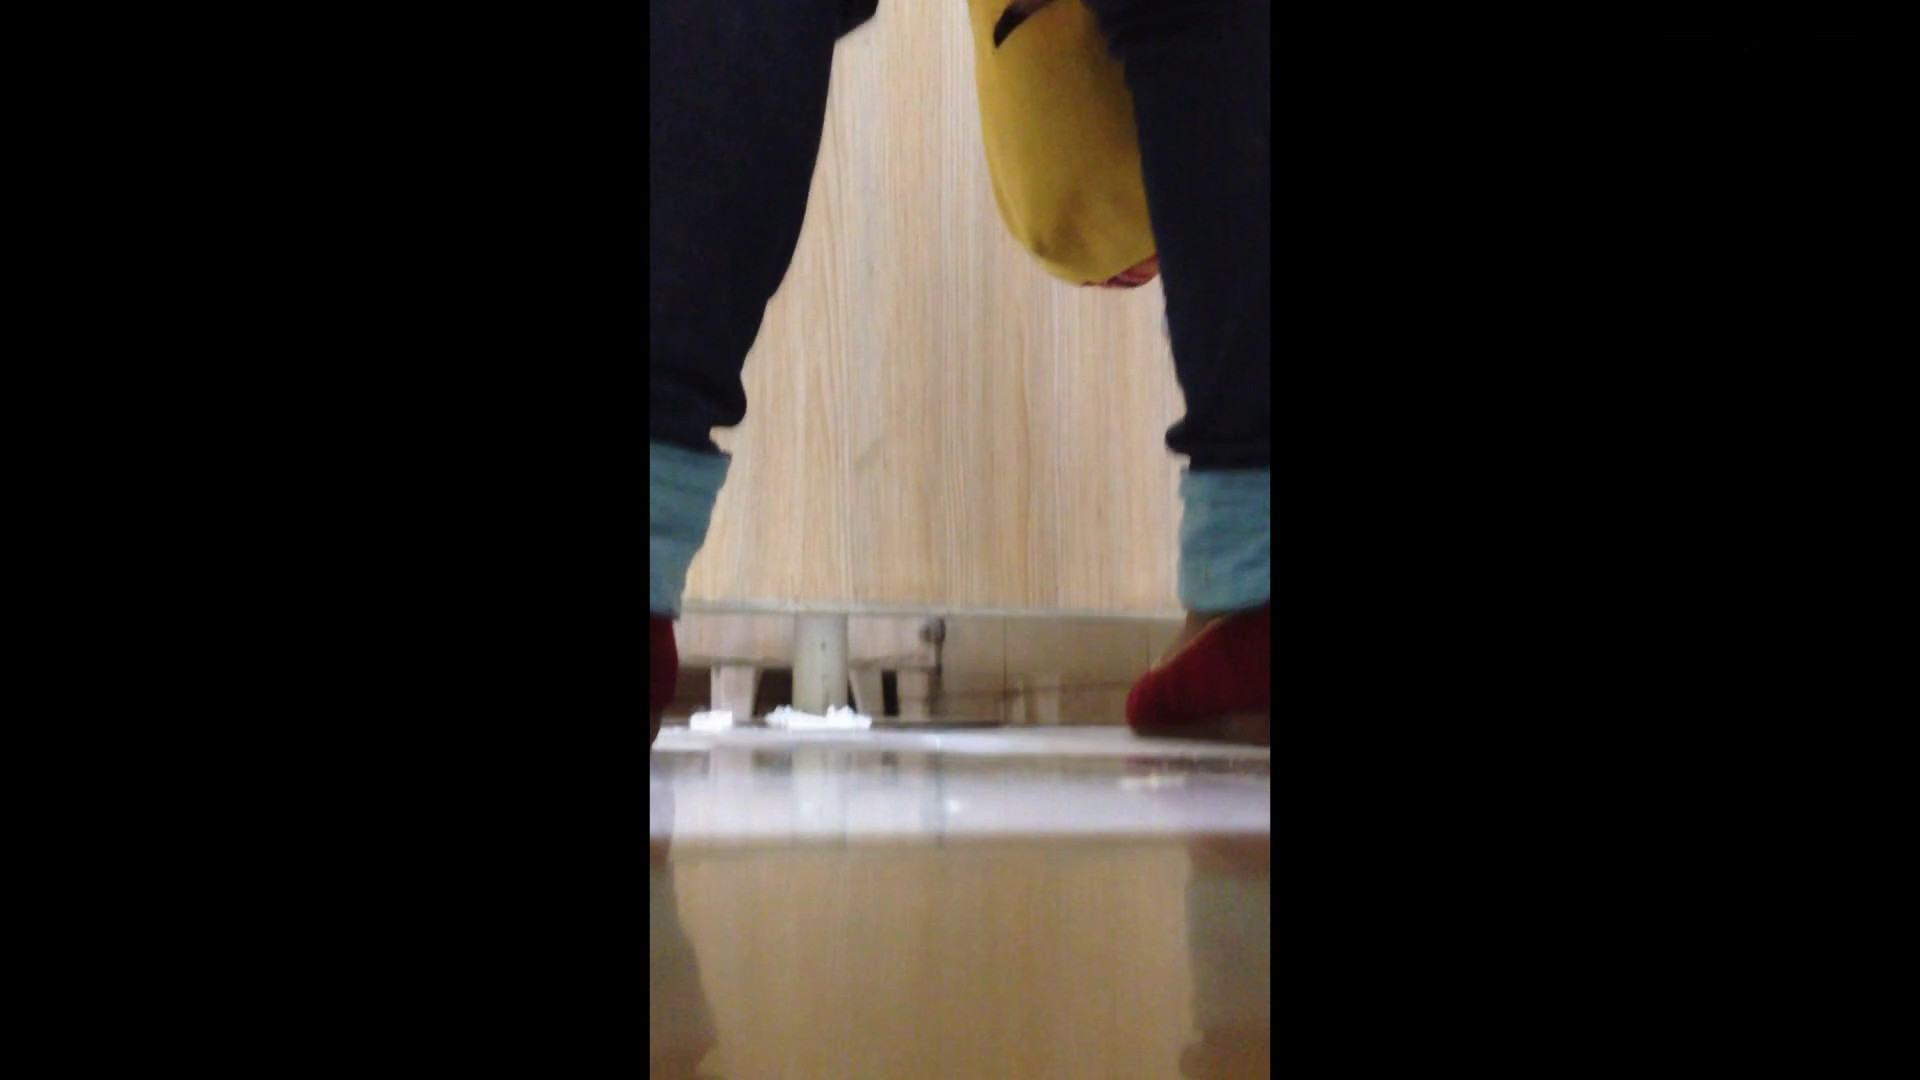 芸術大学ガチ潜入盗撮 JD盗撮 美女の洗面所の秘密 Vol.87 高評価 濡れ場動画紹介 110枚 21